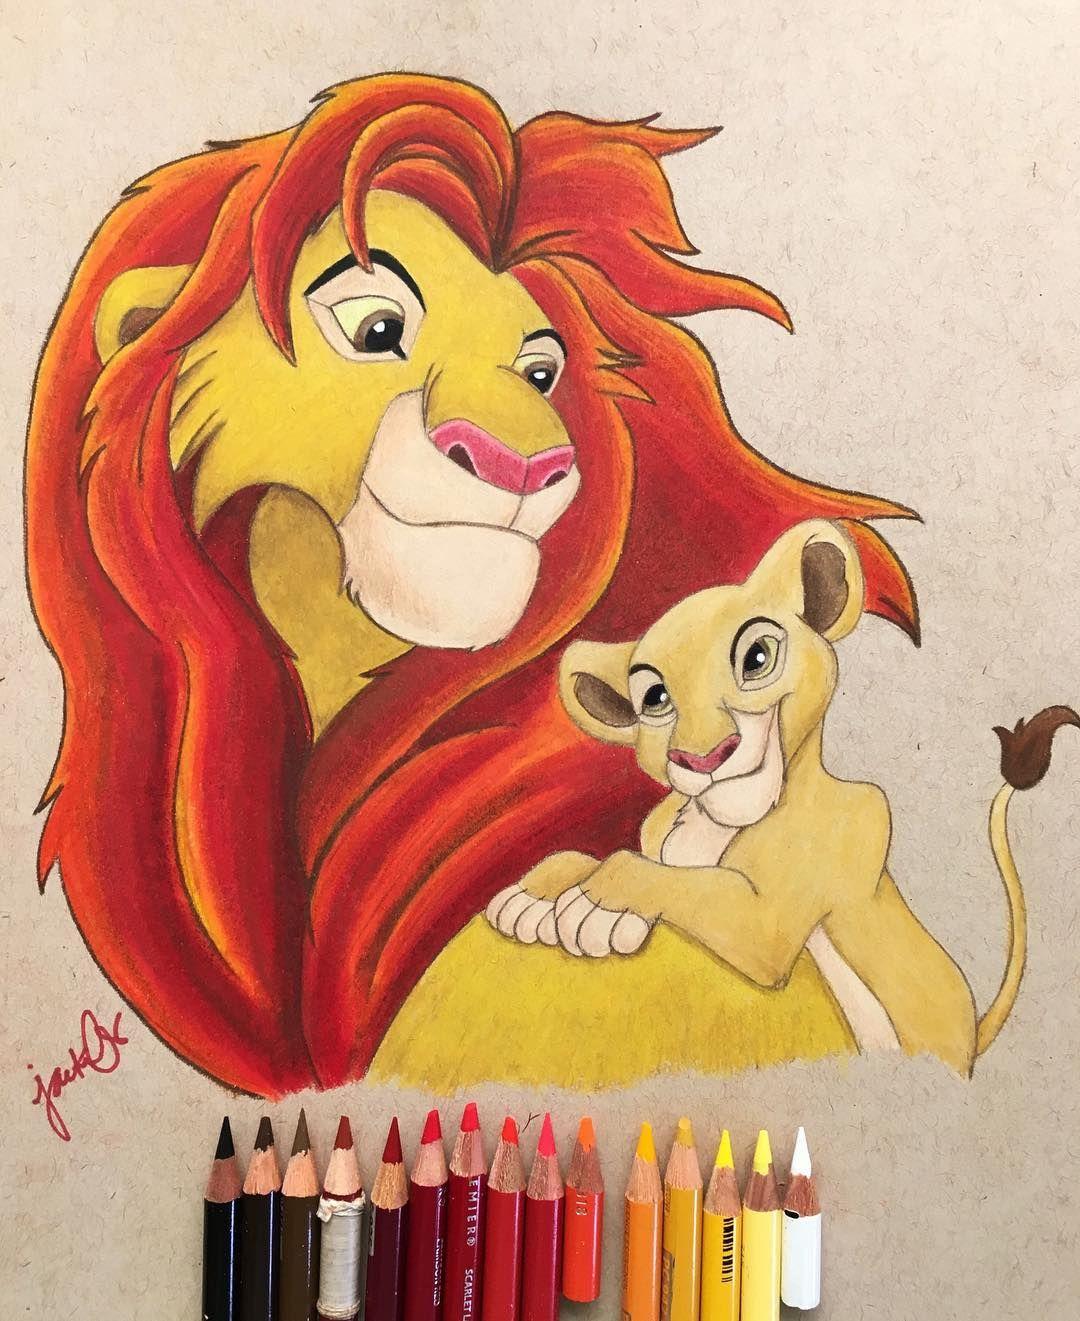 размеры король лев рисунок цветной того, чтобы